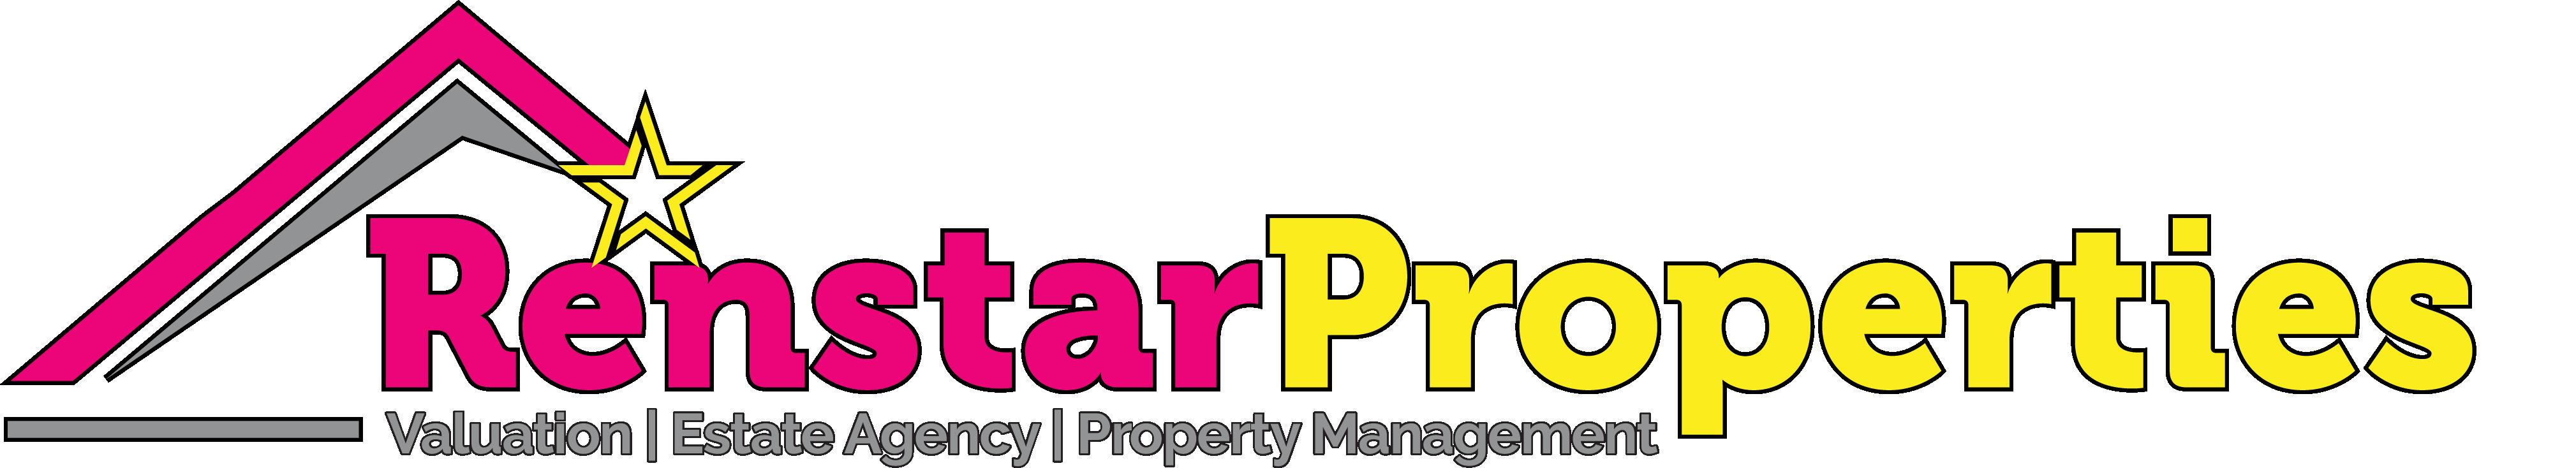 Renstar Properties